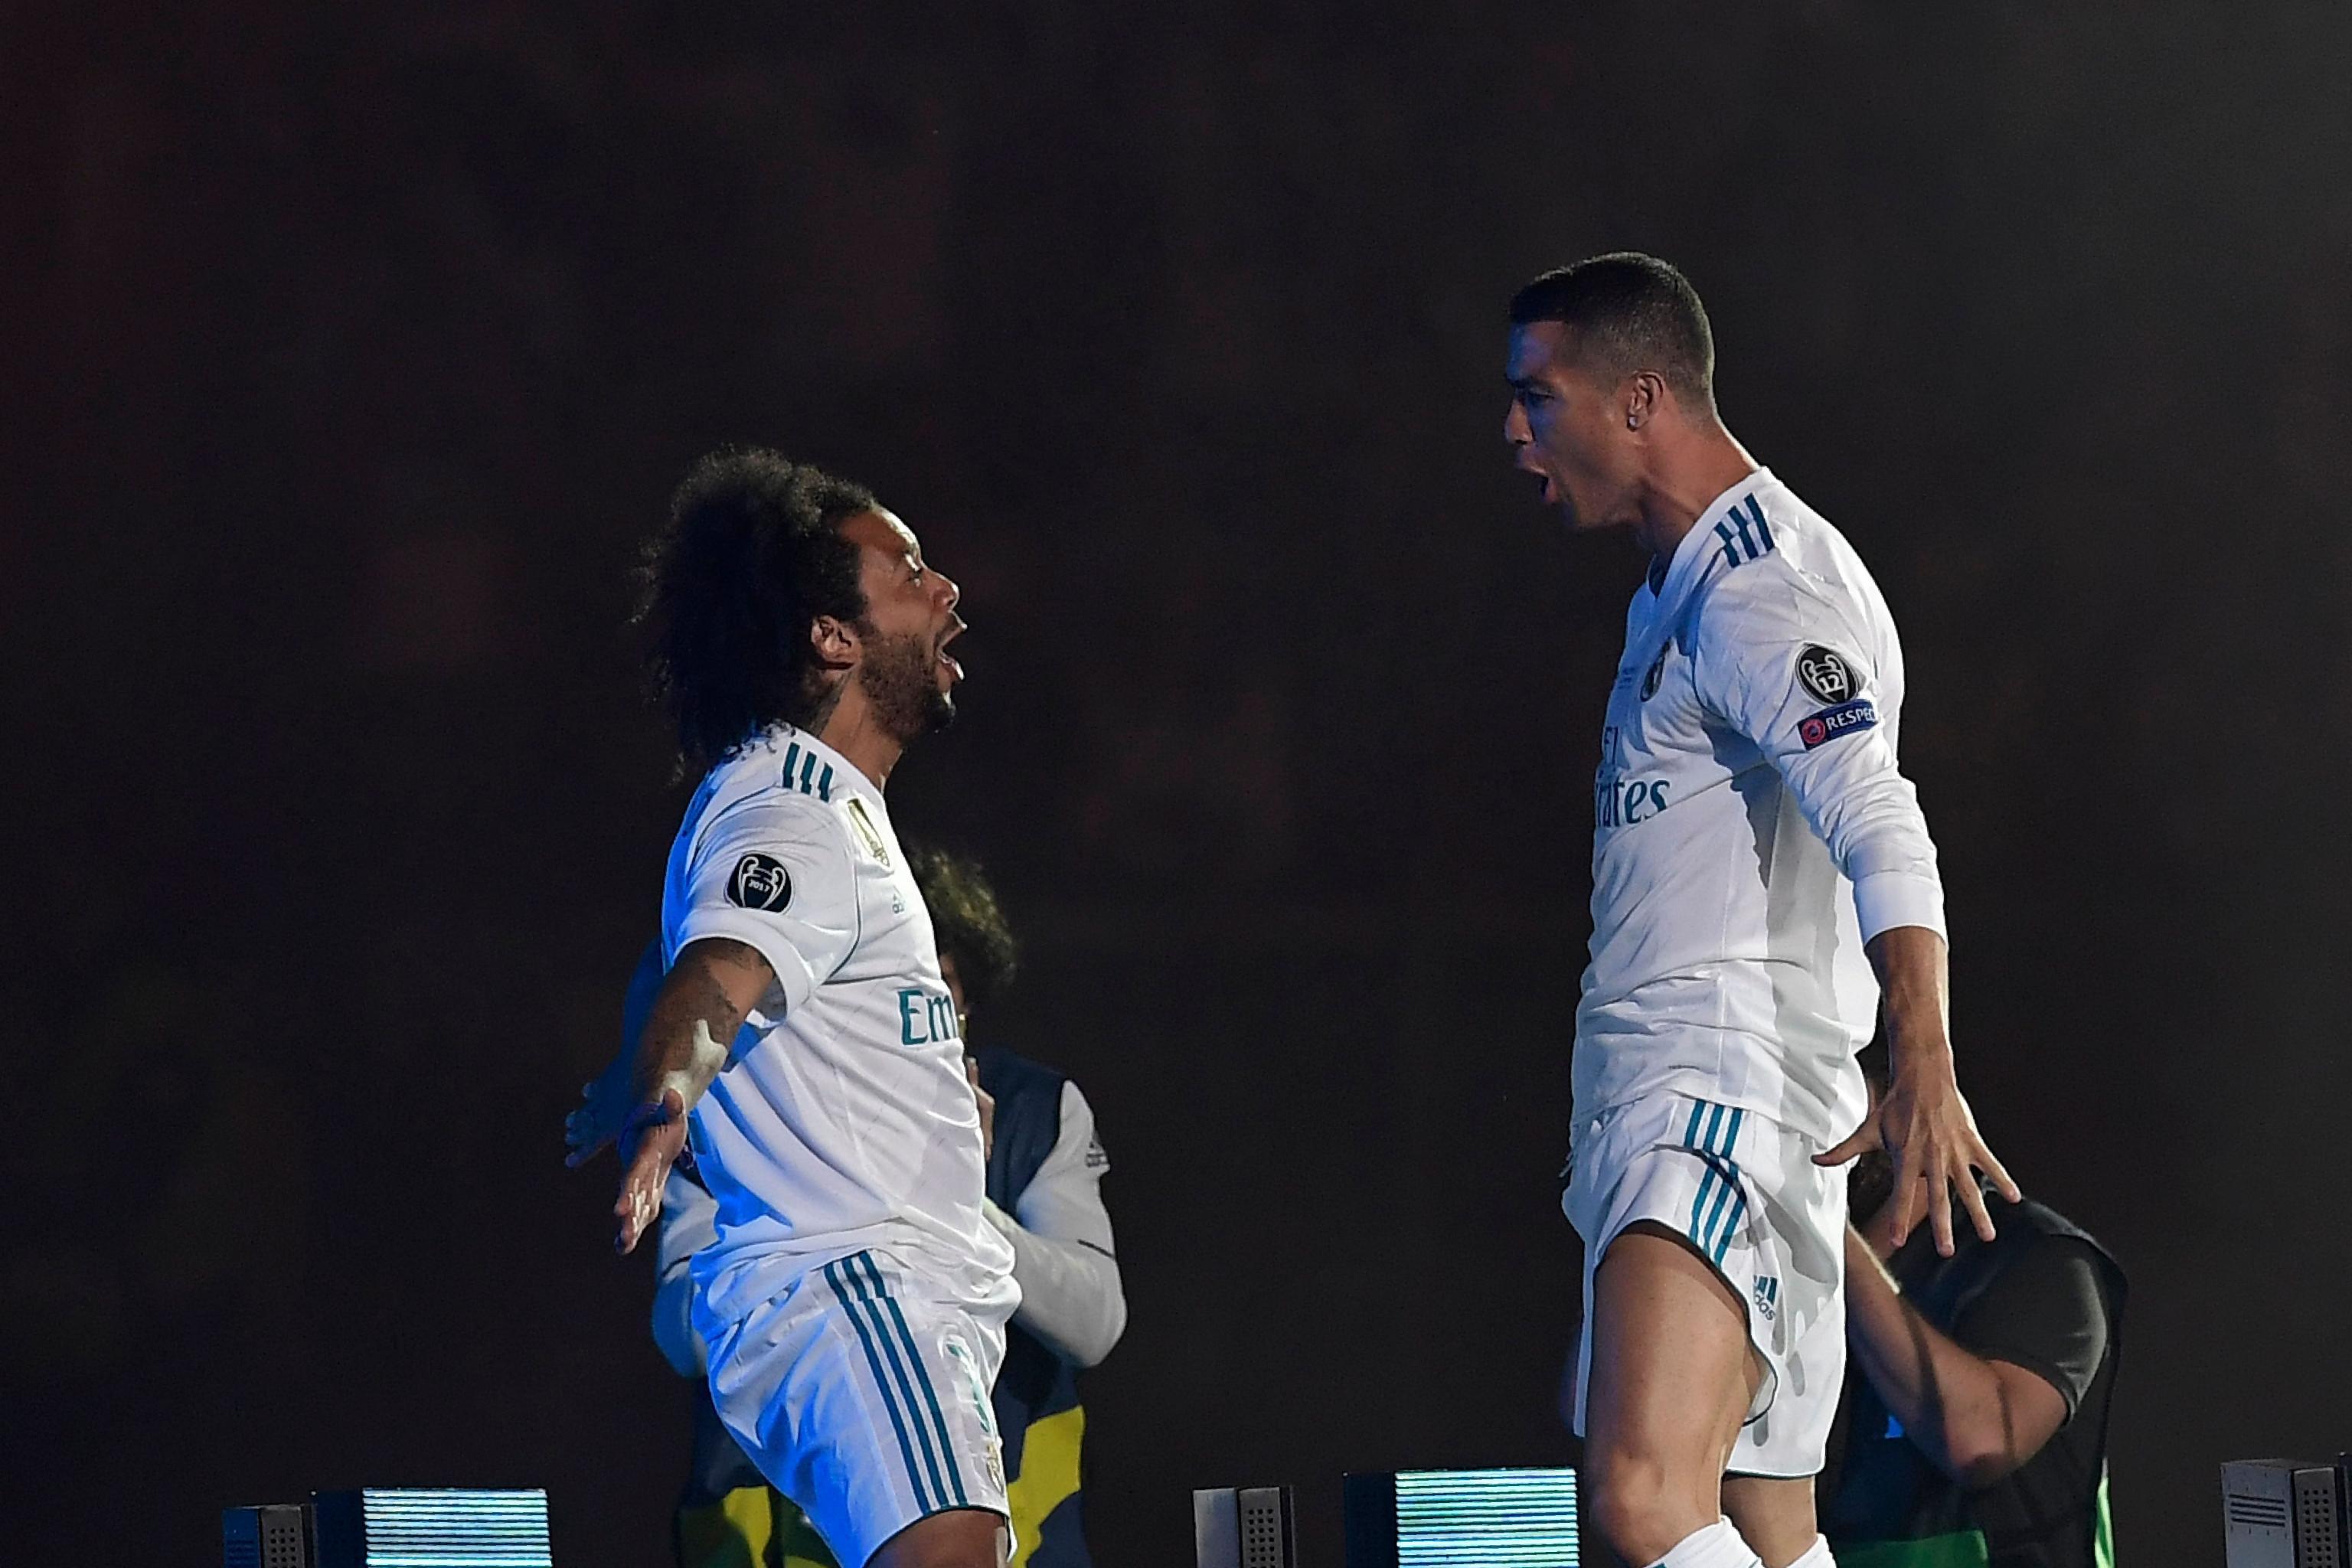 Marcelo and Cristiano Ronaldo